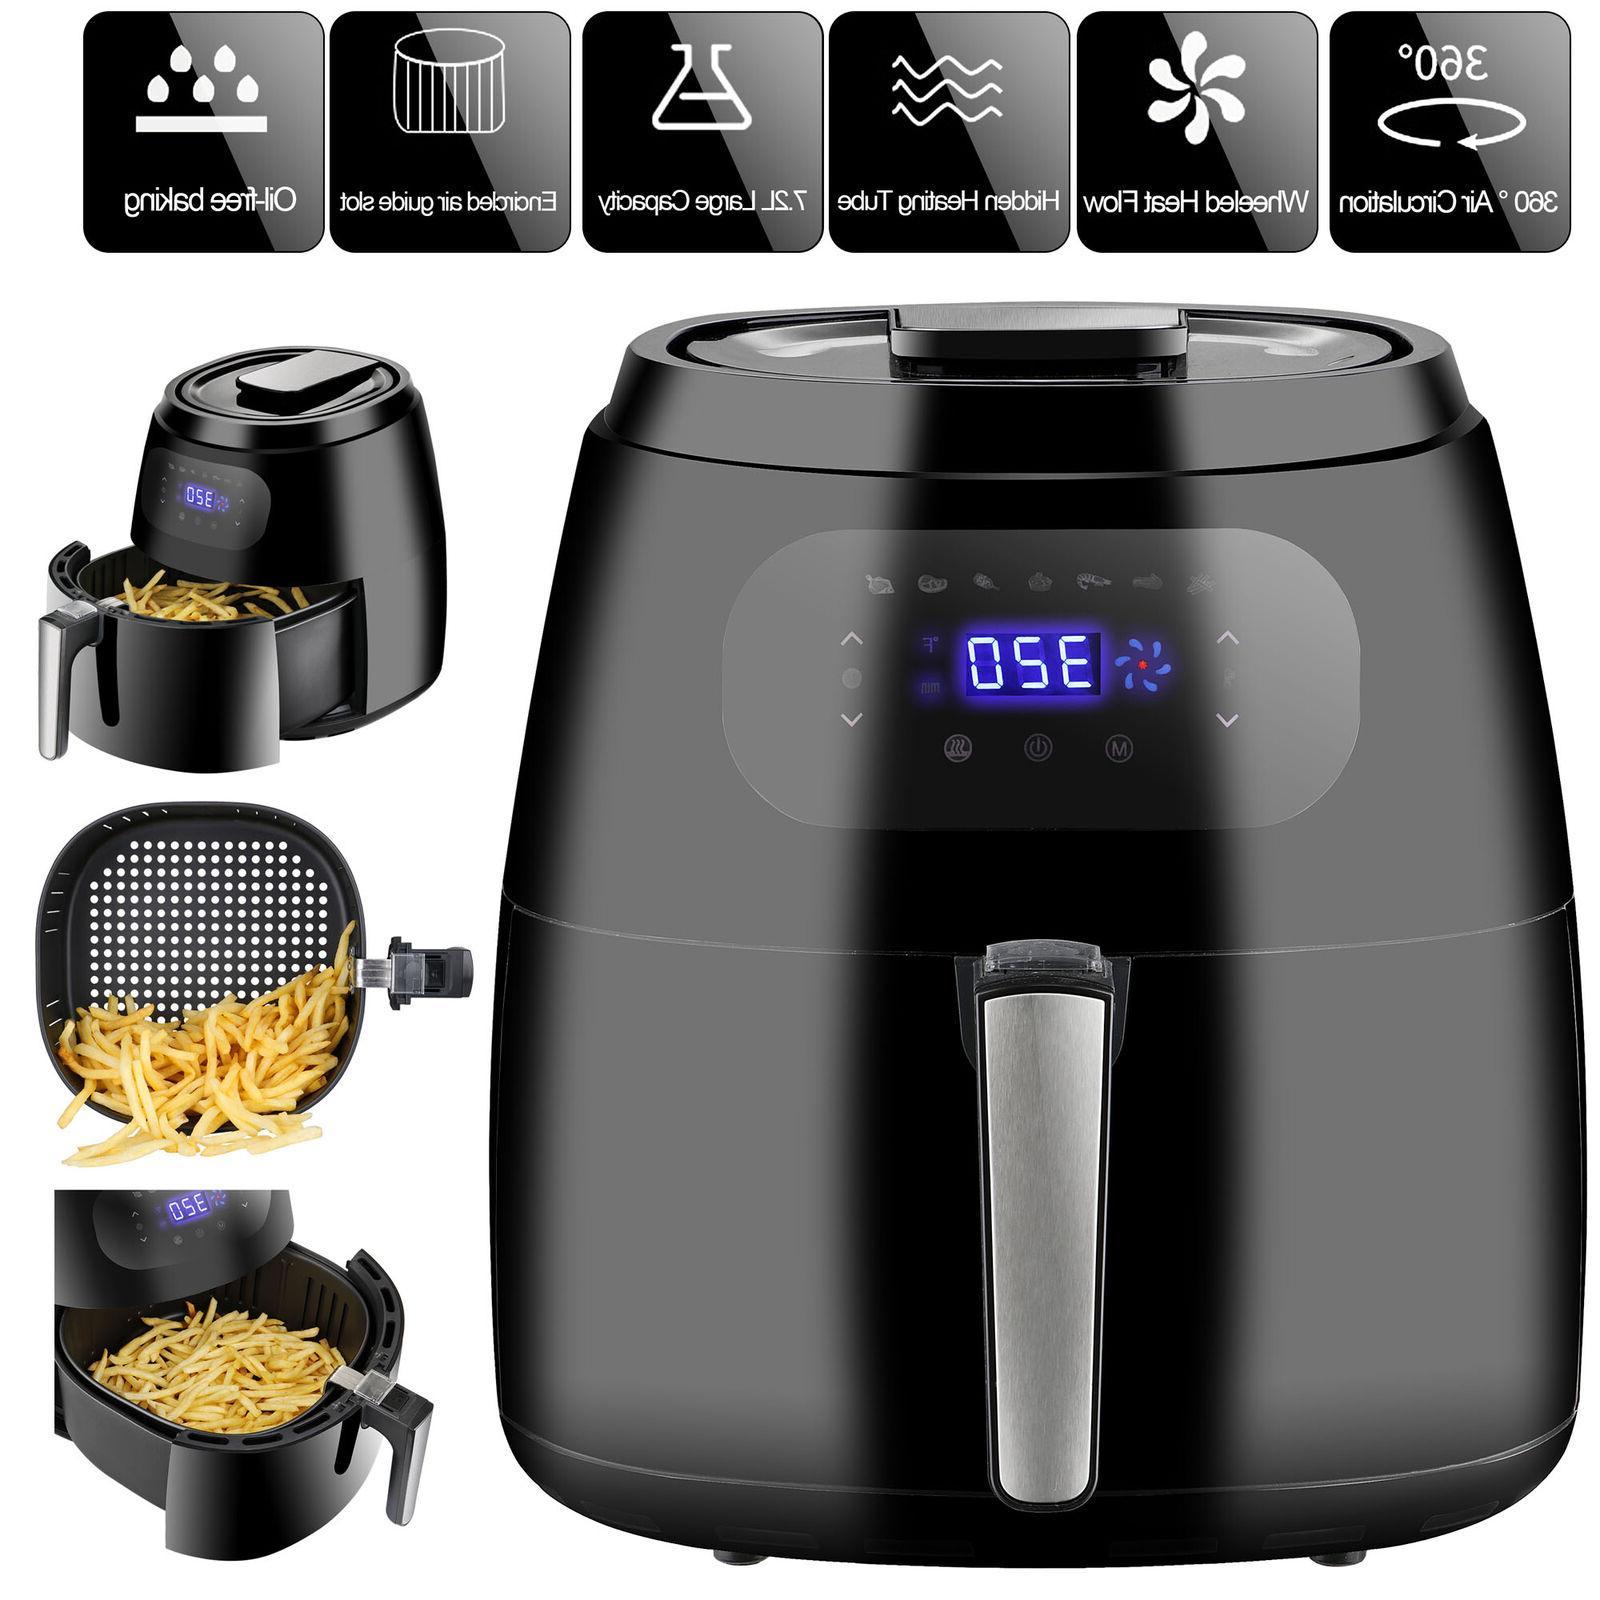 1700W Oven Screen Hot Air Fryer Cooker